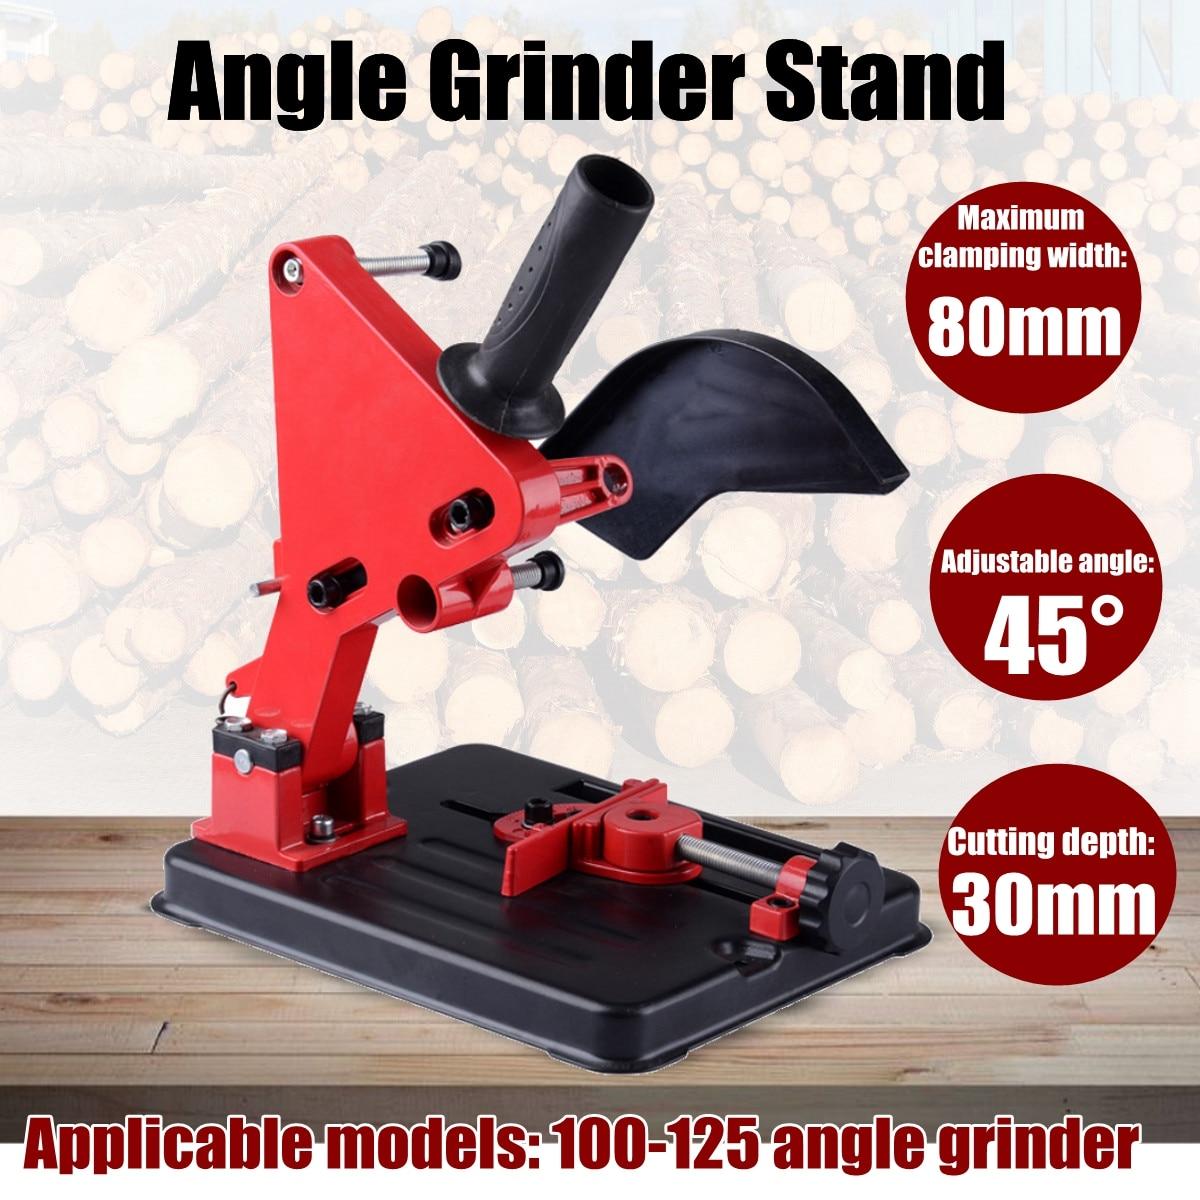 Winkel Grinder Zubehör Winkel Grinder Halter Holzbearbeitung Werkzeug DIY Schneiden Stehen Grinder Unterstützung Dremel Power Werkzeuge Zubehör